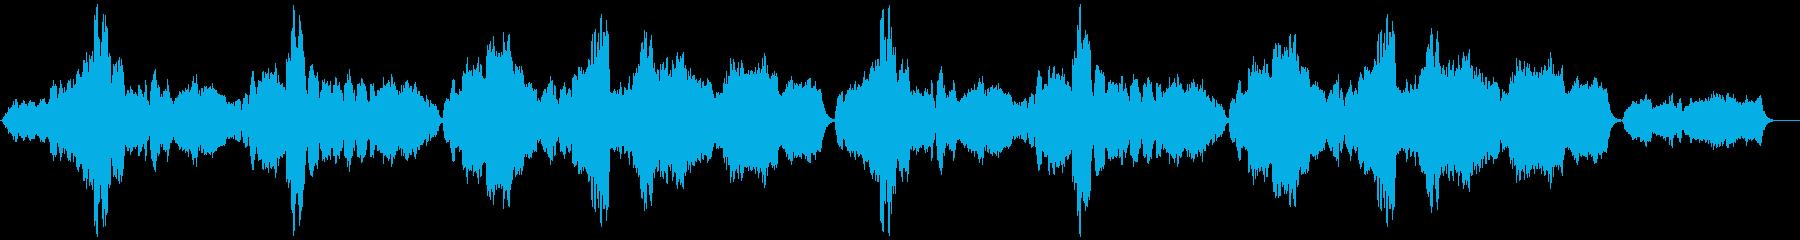 儚さを感じるクラシック曲【オーボエ】の再生済みの波形